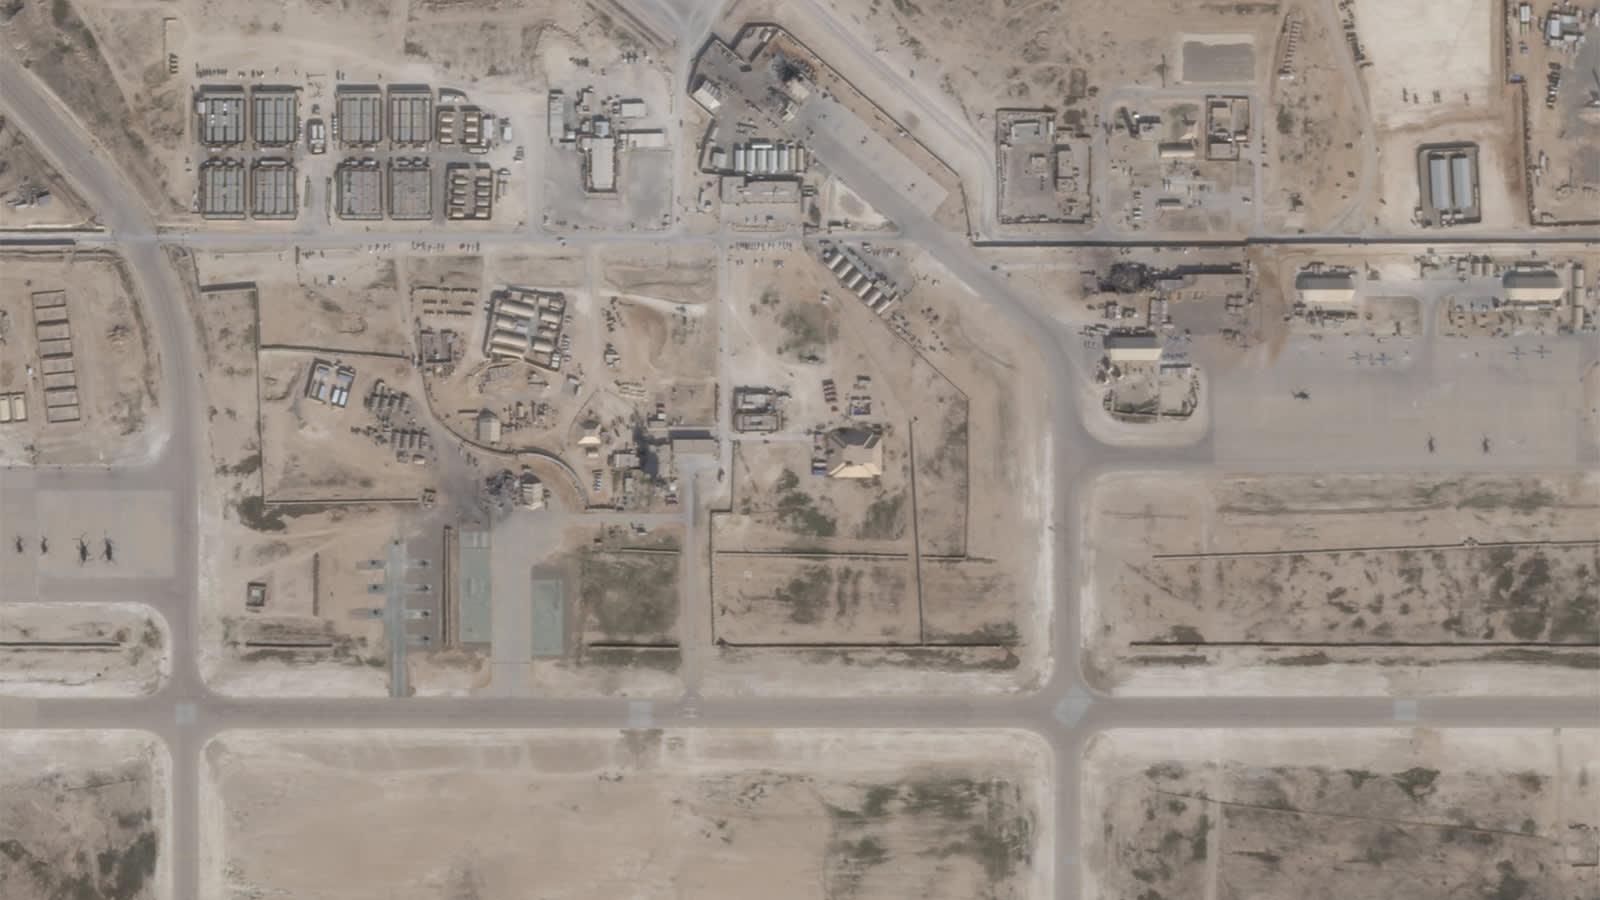 لقطات أقمار صناعية تُظهر حجم الأضرار بقاعدة عين الأسد عقب القصف الإيراني